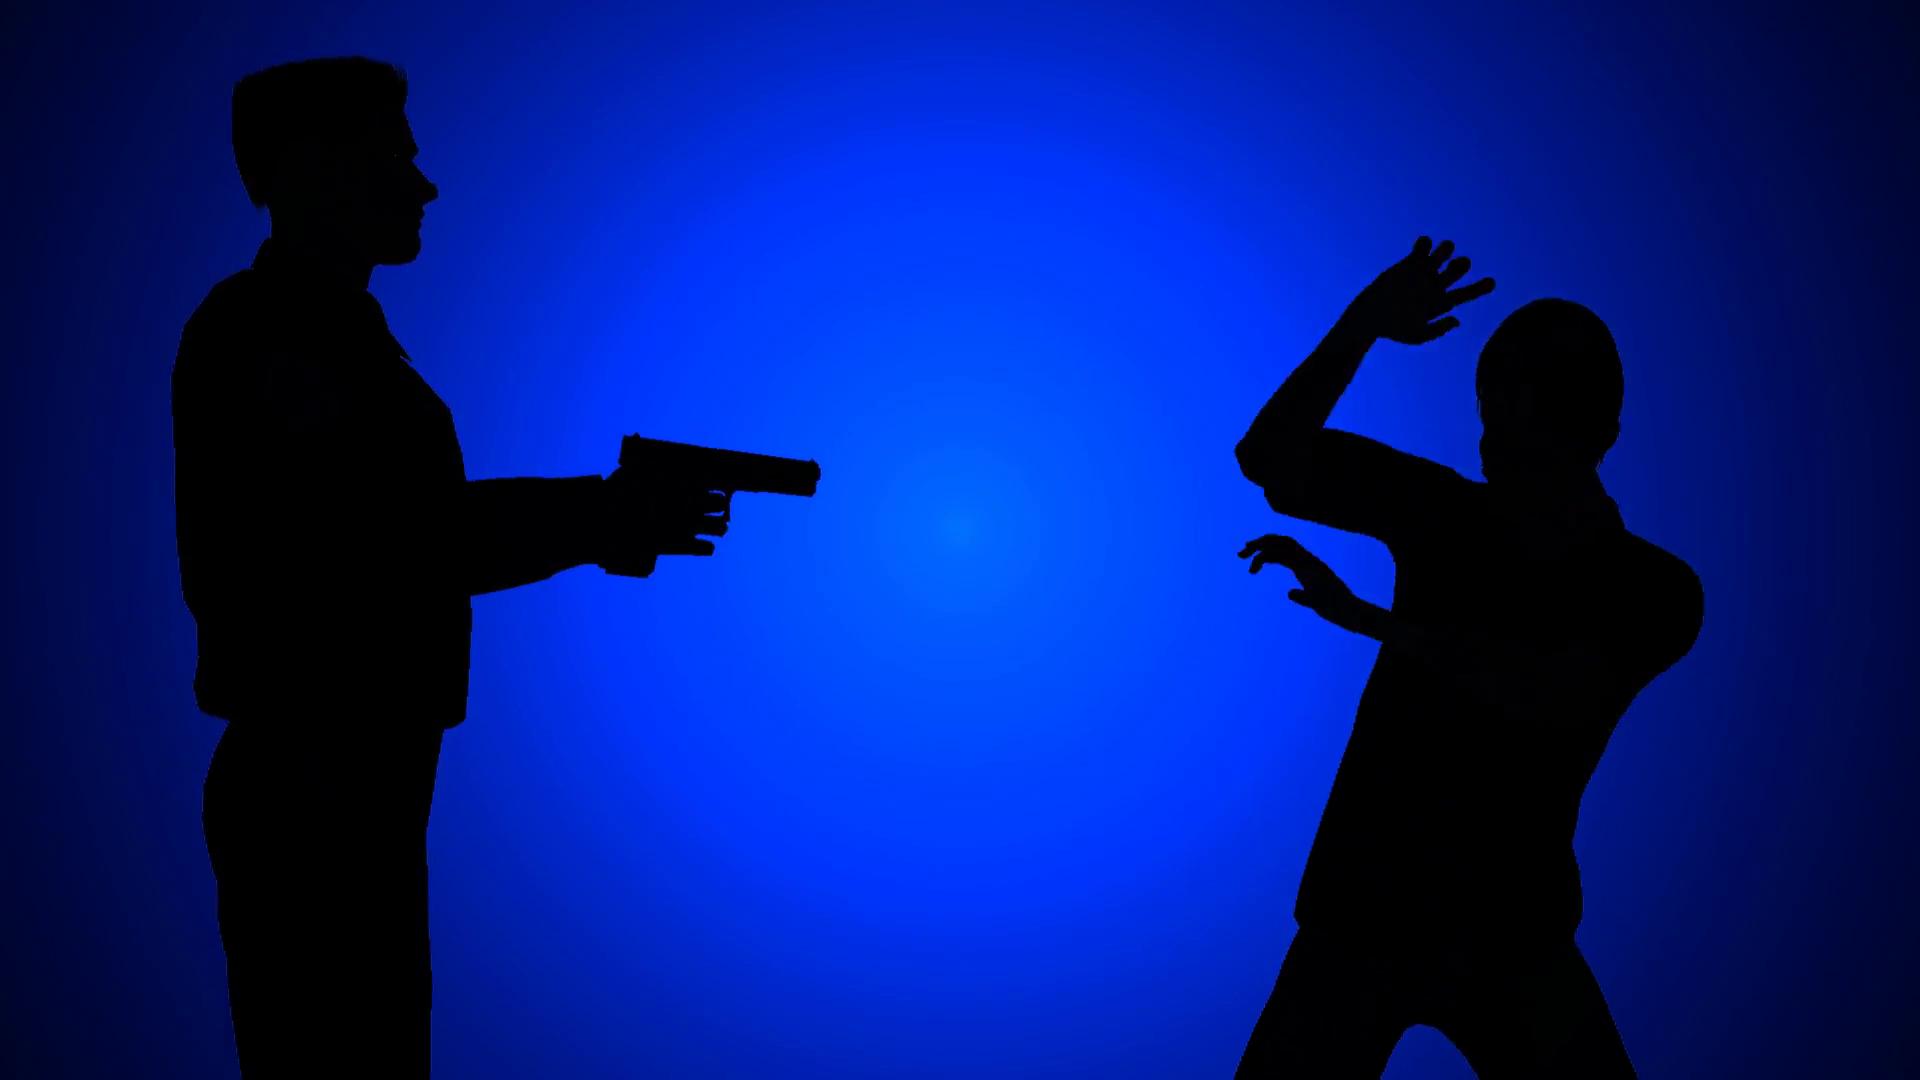 Elderly people targeted by armed robbers